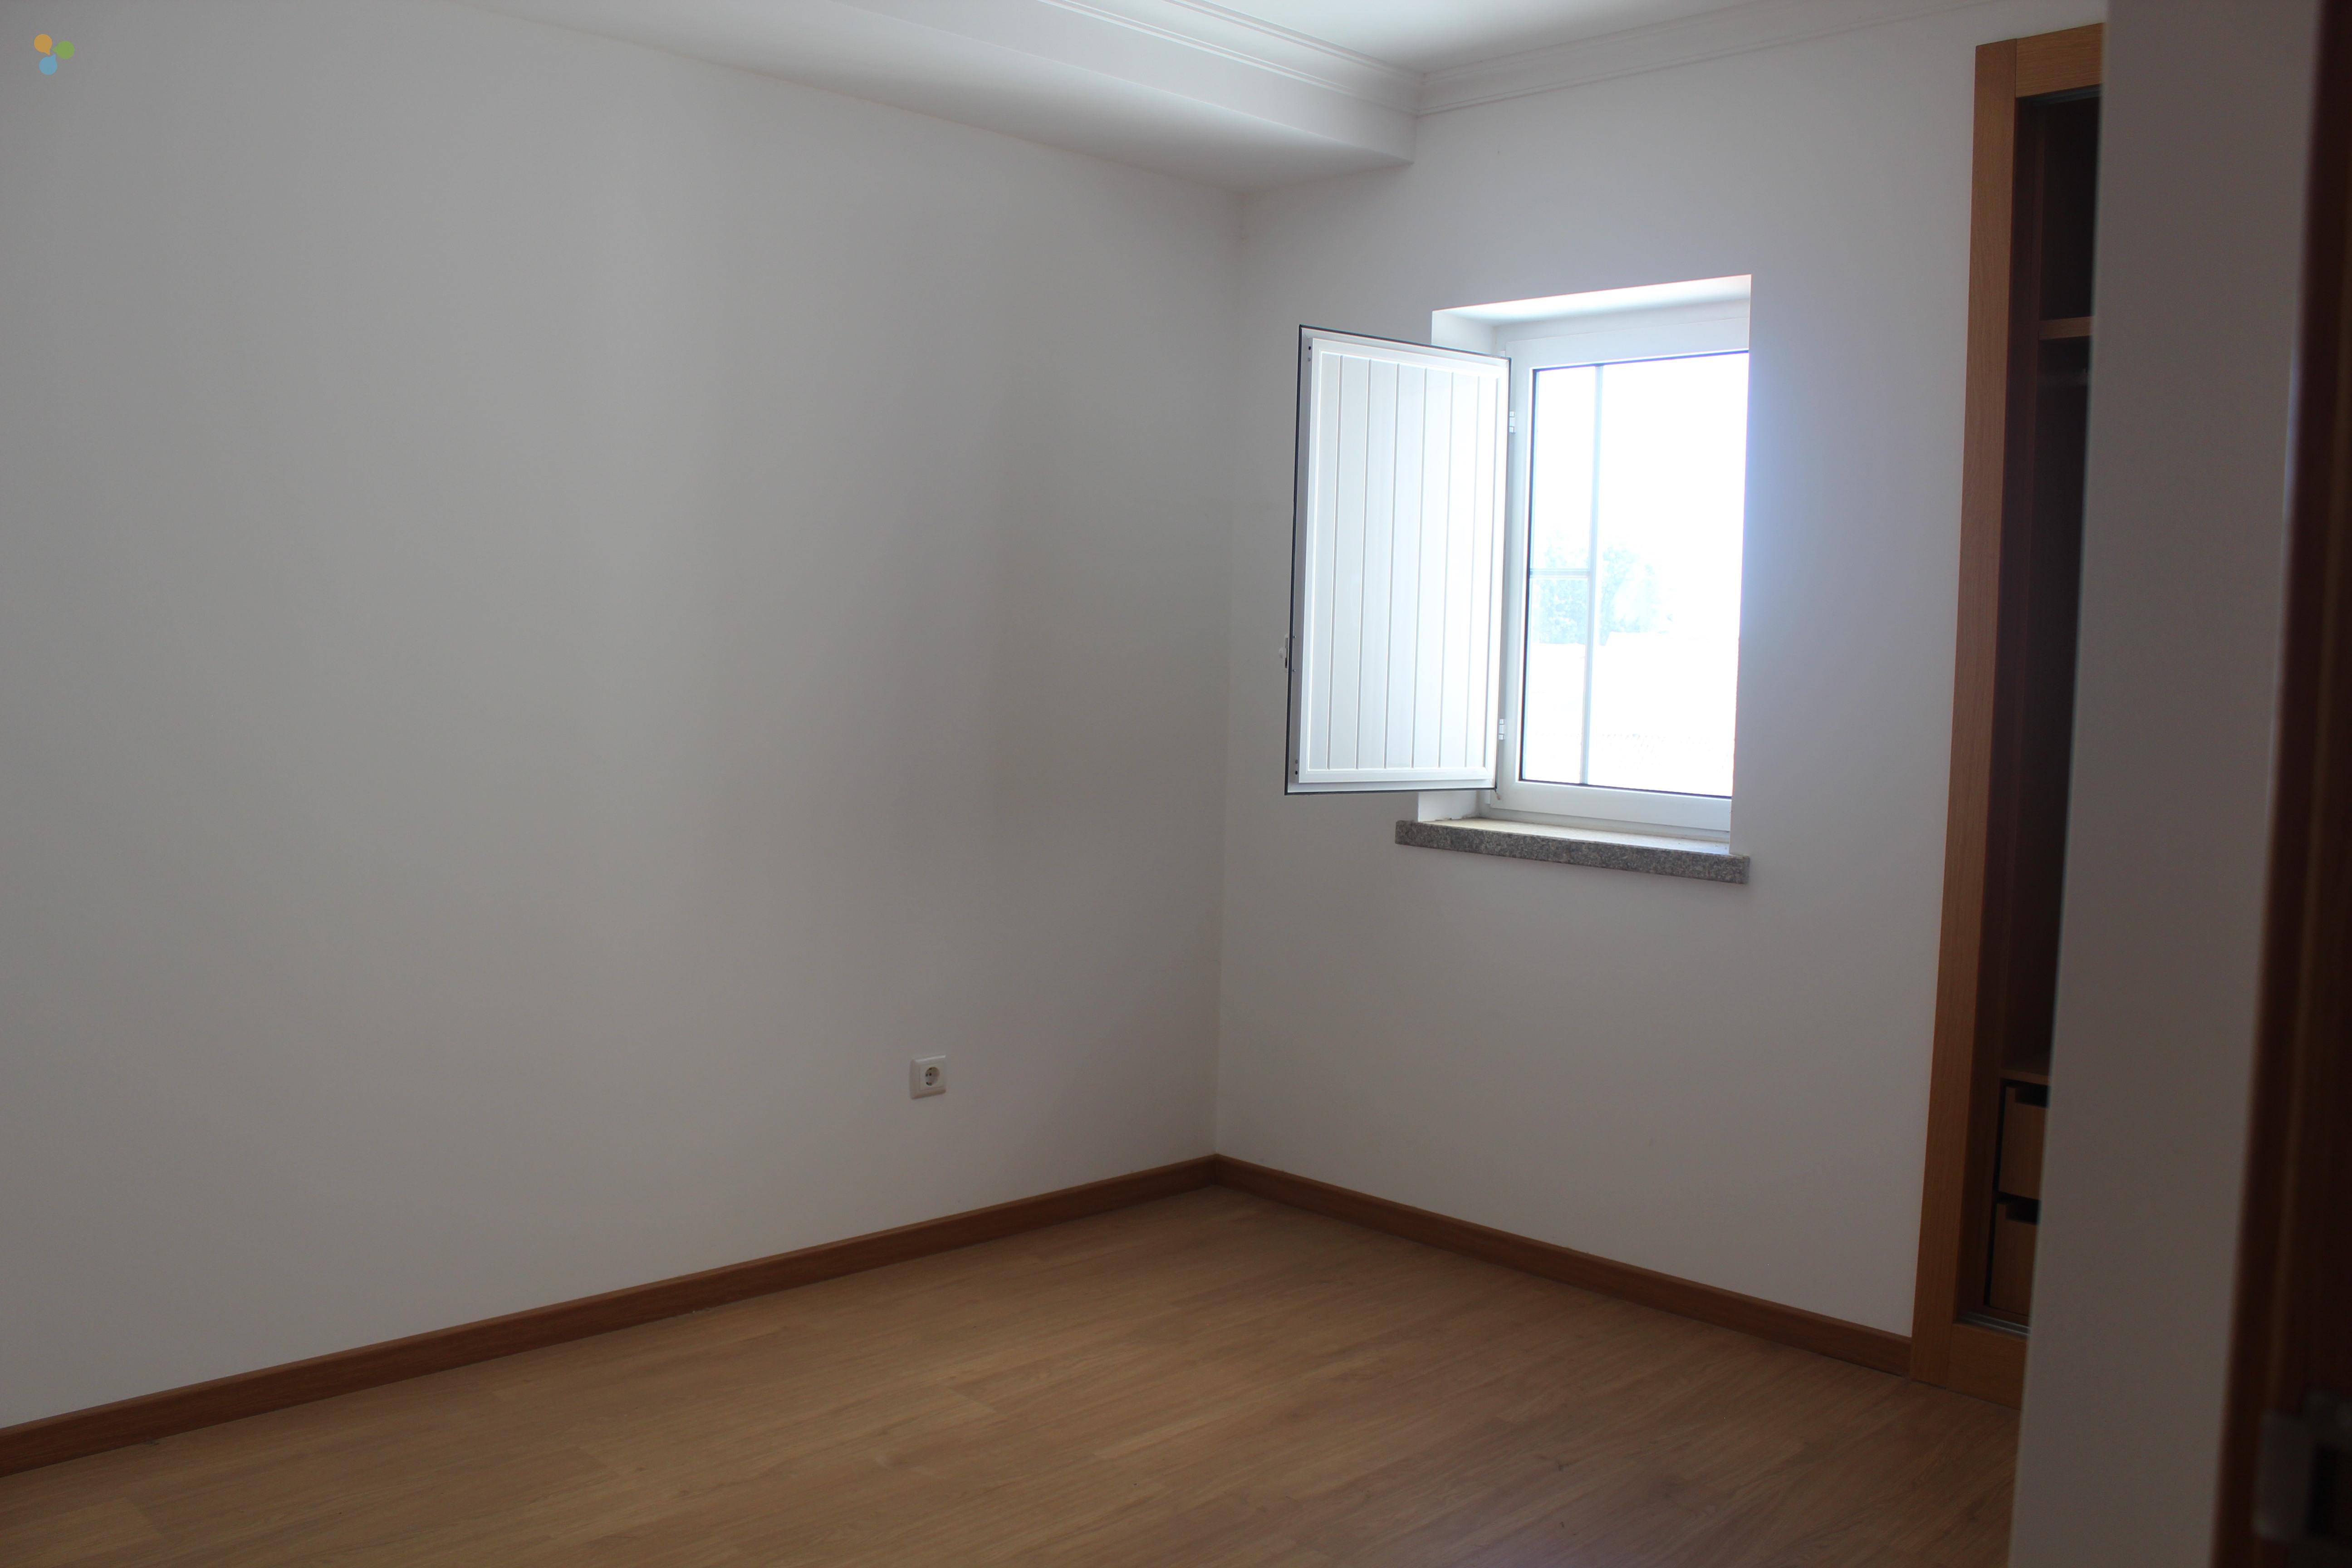 Vivienda 2 habitaciones